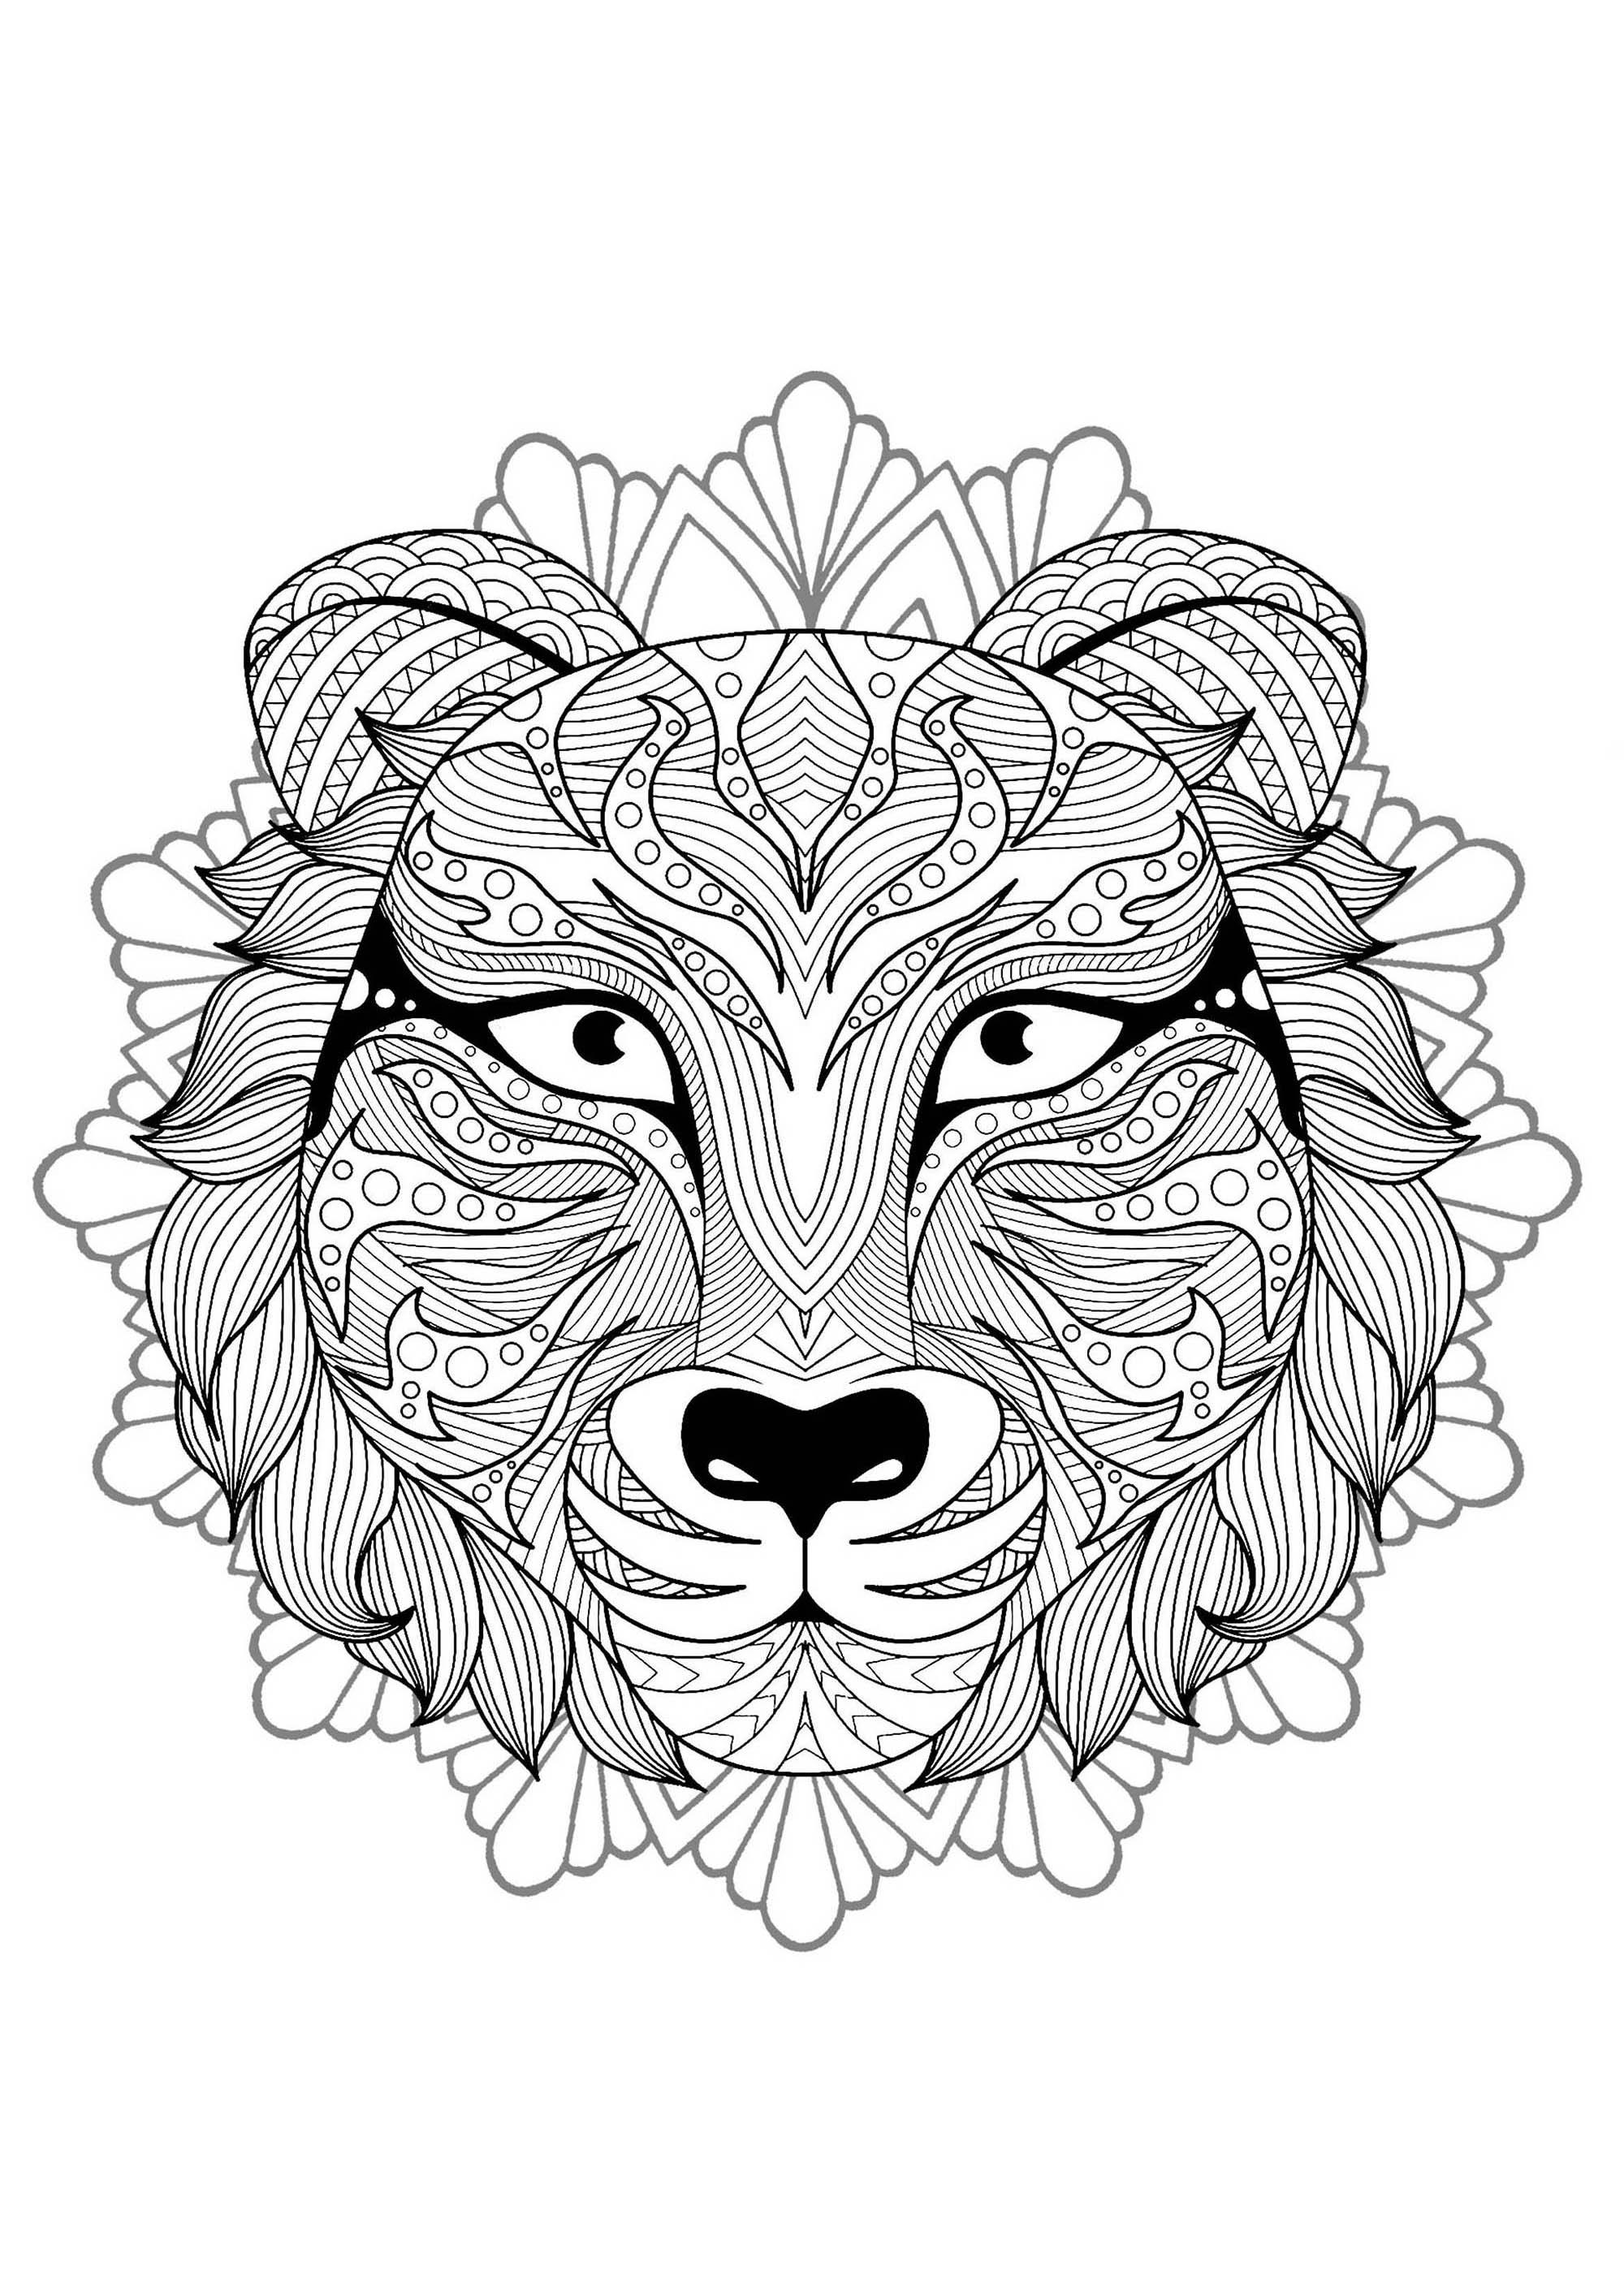 Mandala tete tigre 3 mandalas coloriages difficiles - Mandalas de tigres ...